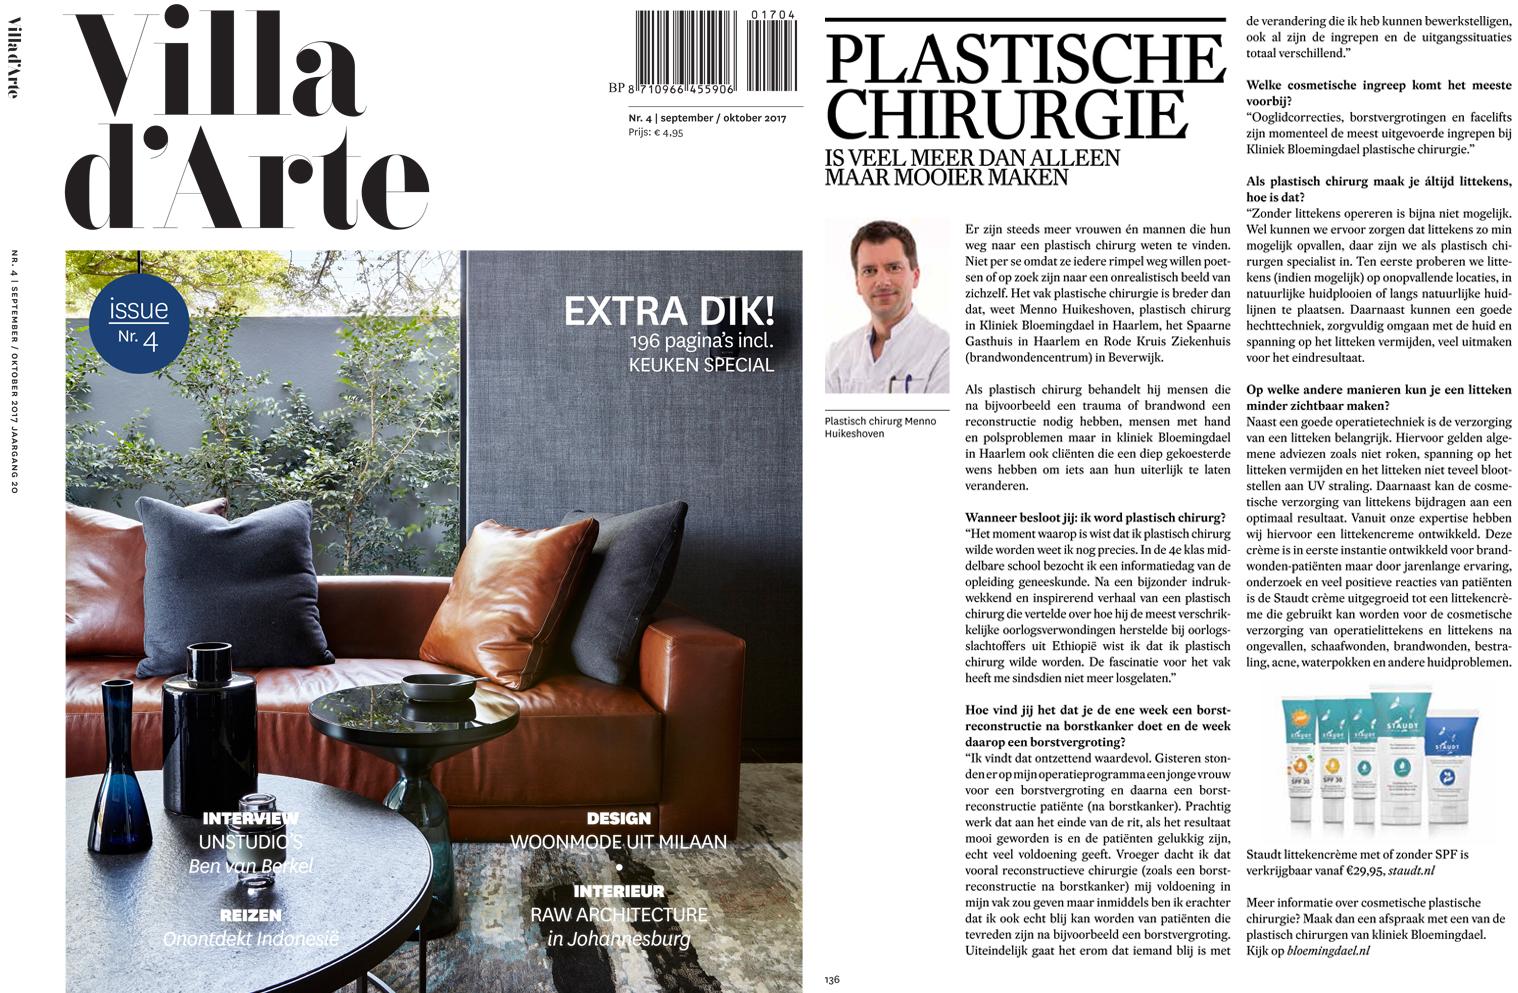 villa d arte 1 - Dr. Menno Huikeshoven vertelt over zijn vak in Villa D'Arte